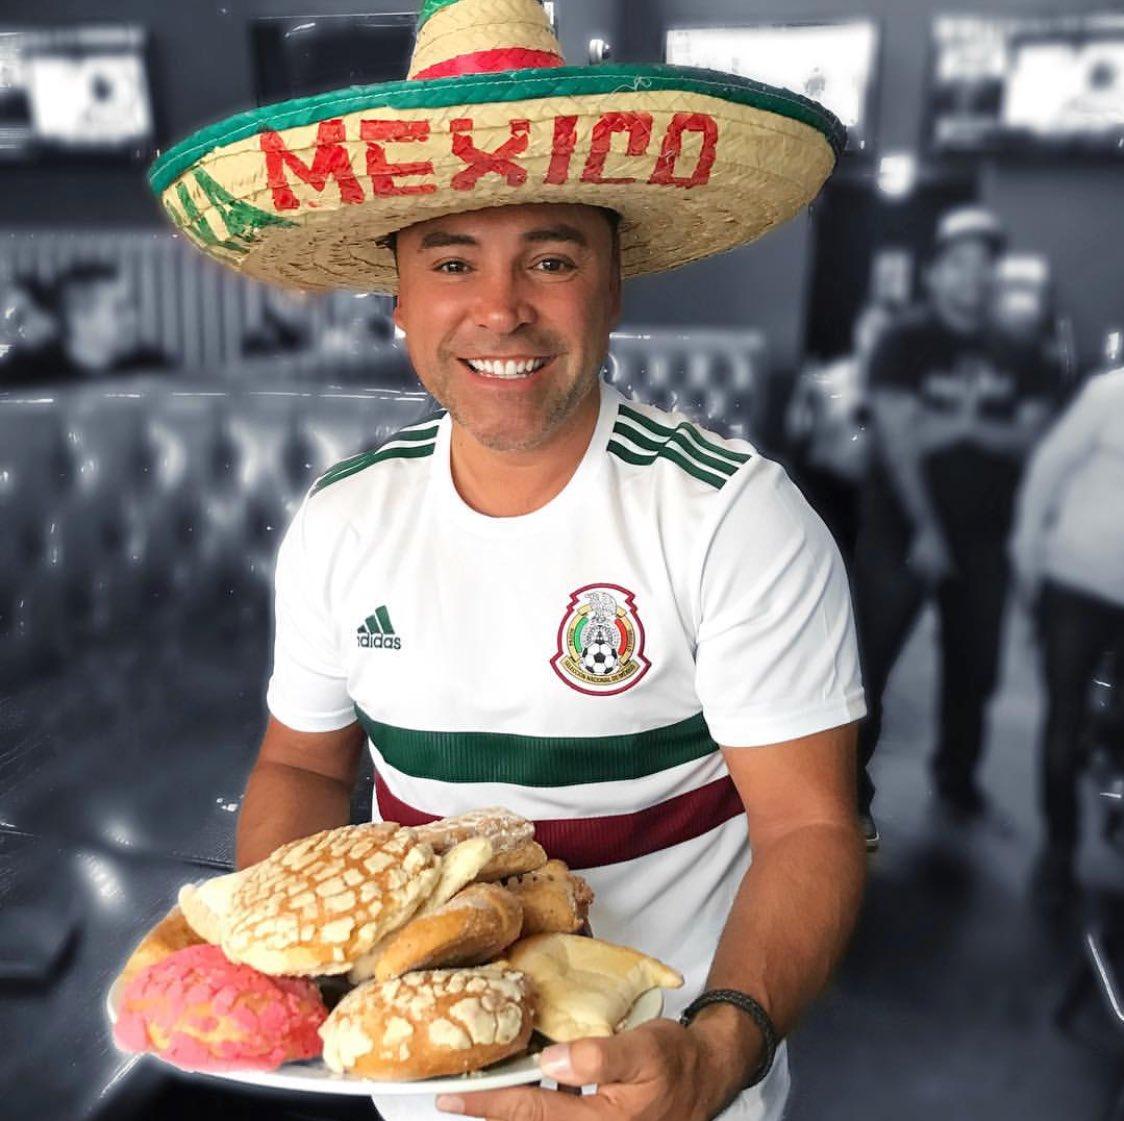 Viva México 🇲🇽 y el pan dulce!!! #sisepuede #mexico #futbol